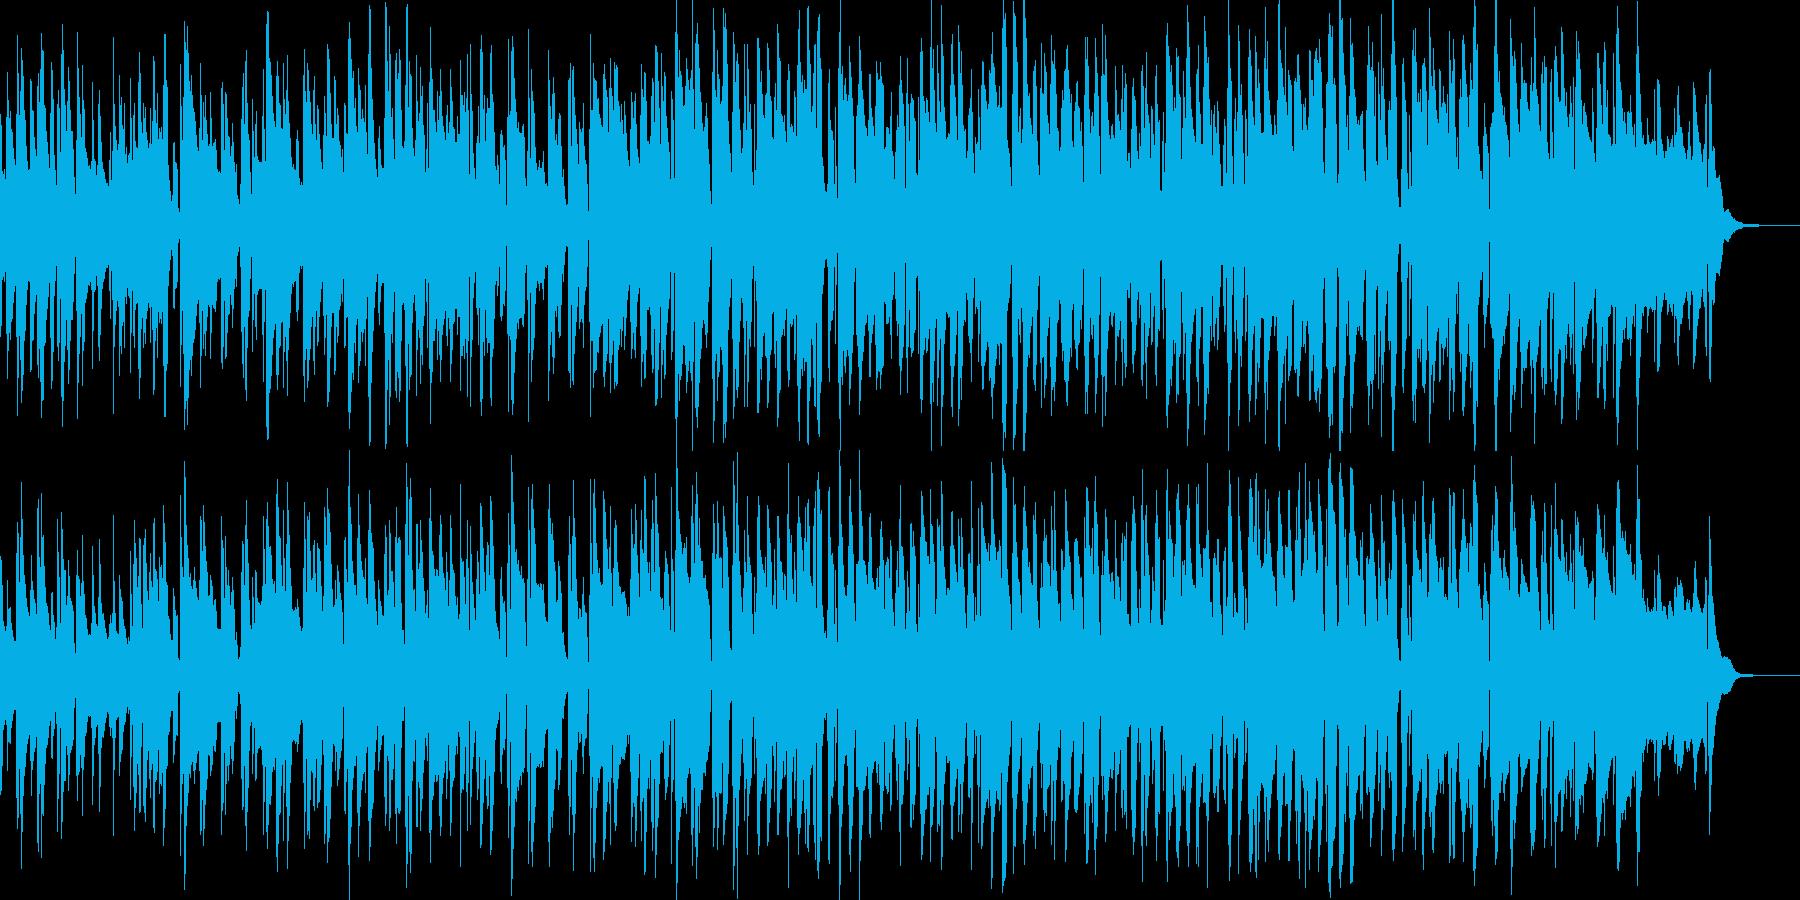 ジャズ風のHappybirthdayの再生済みの波形